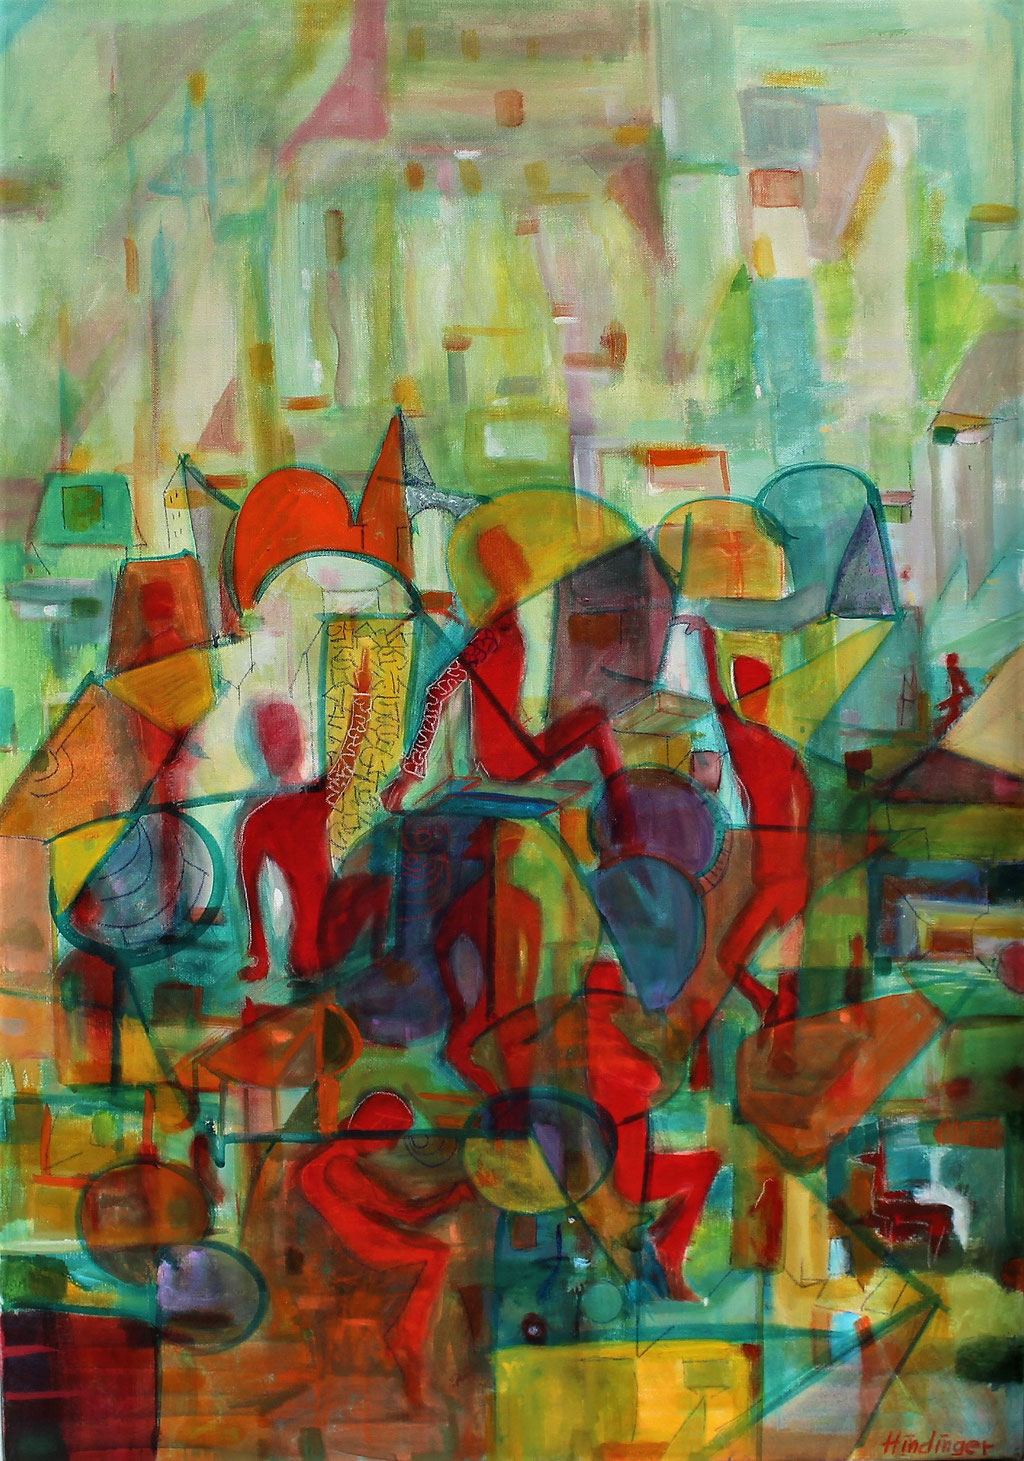 rote männer beim rasten - 70 x 100 cm, Acryl auf Leinwand